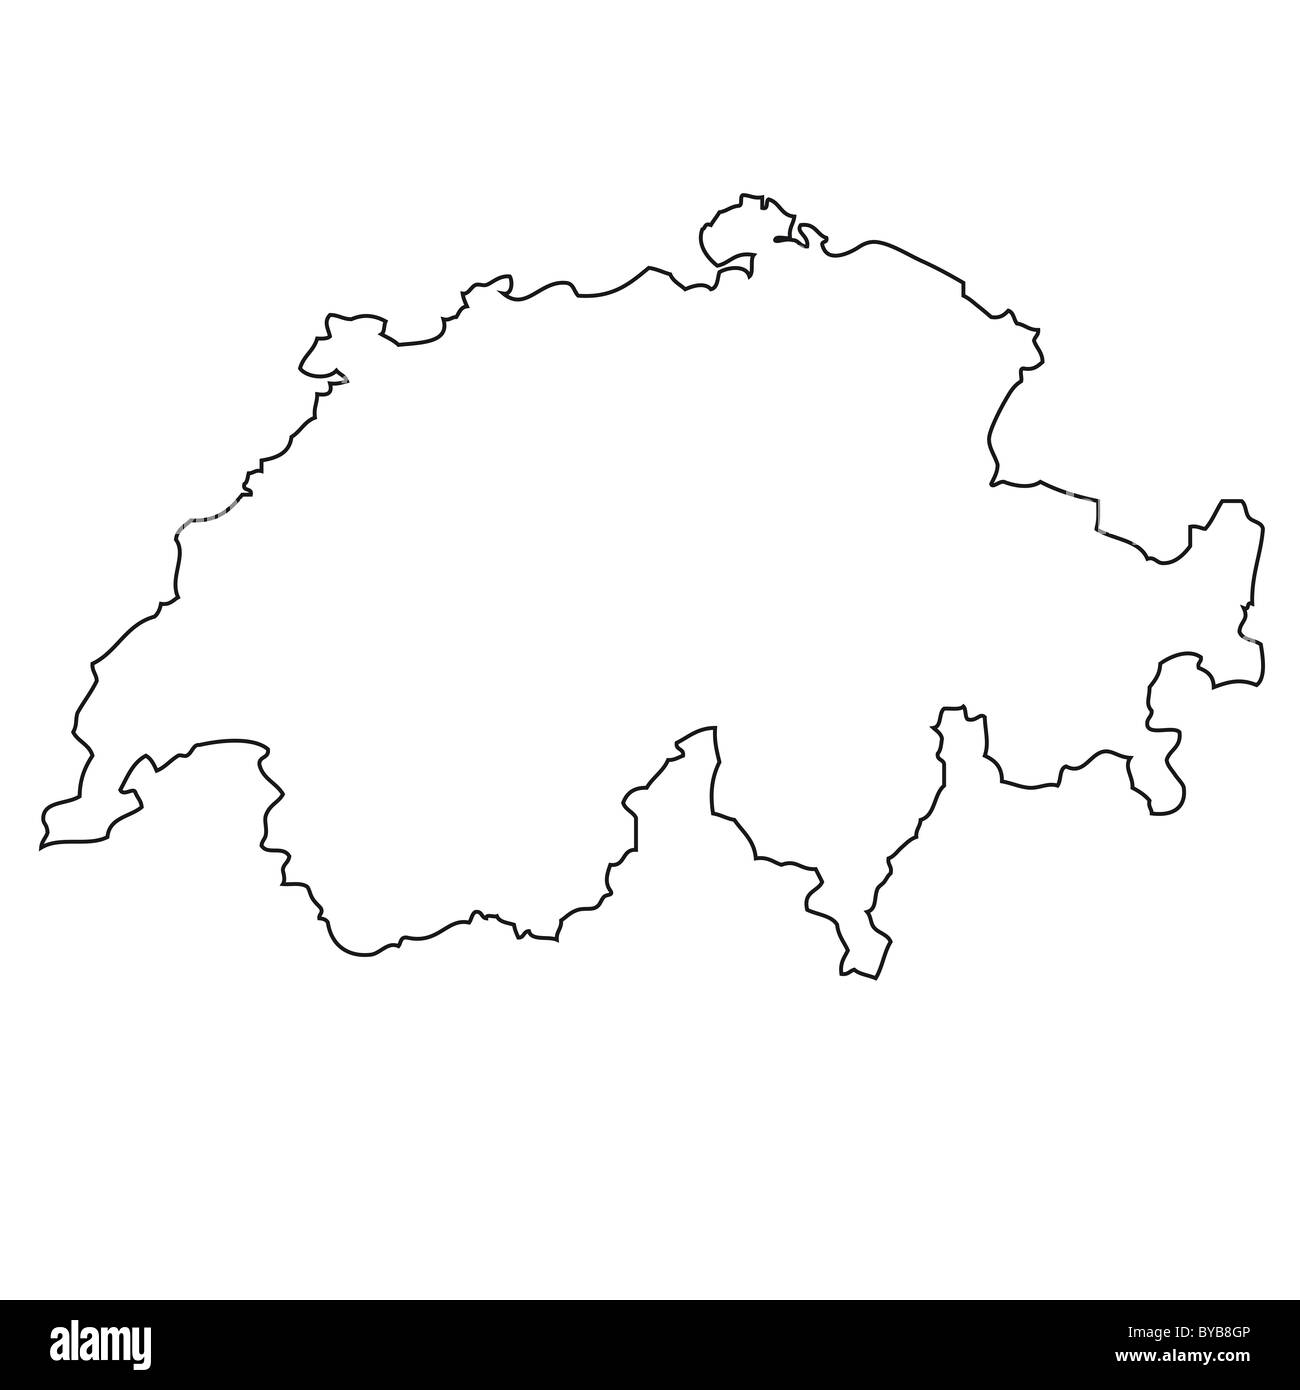 La Svizzera Cartina.Contorno Cartina Della Svizzera Foto Stock Alamy